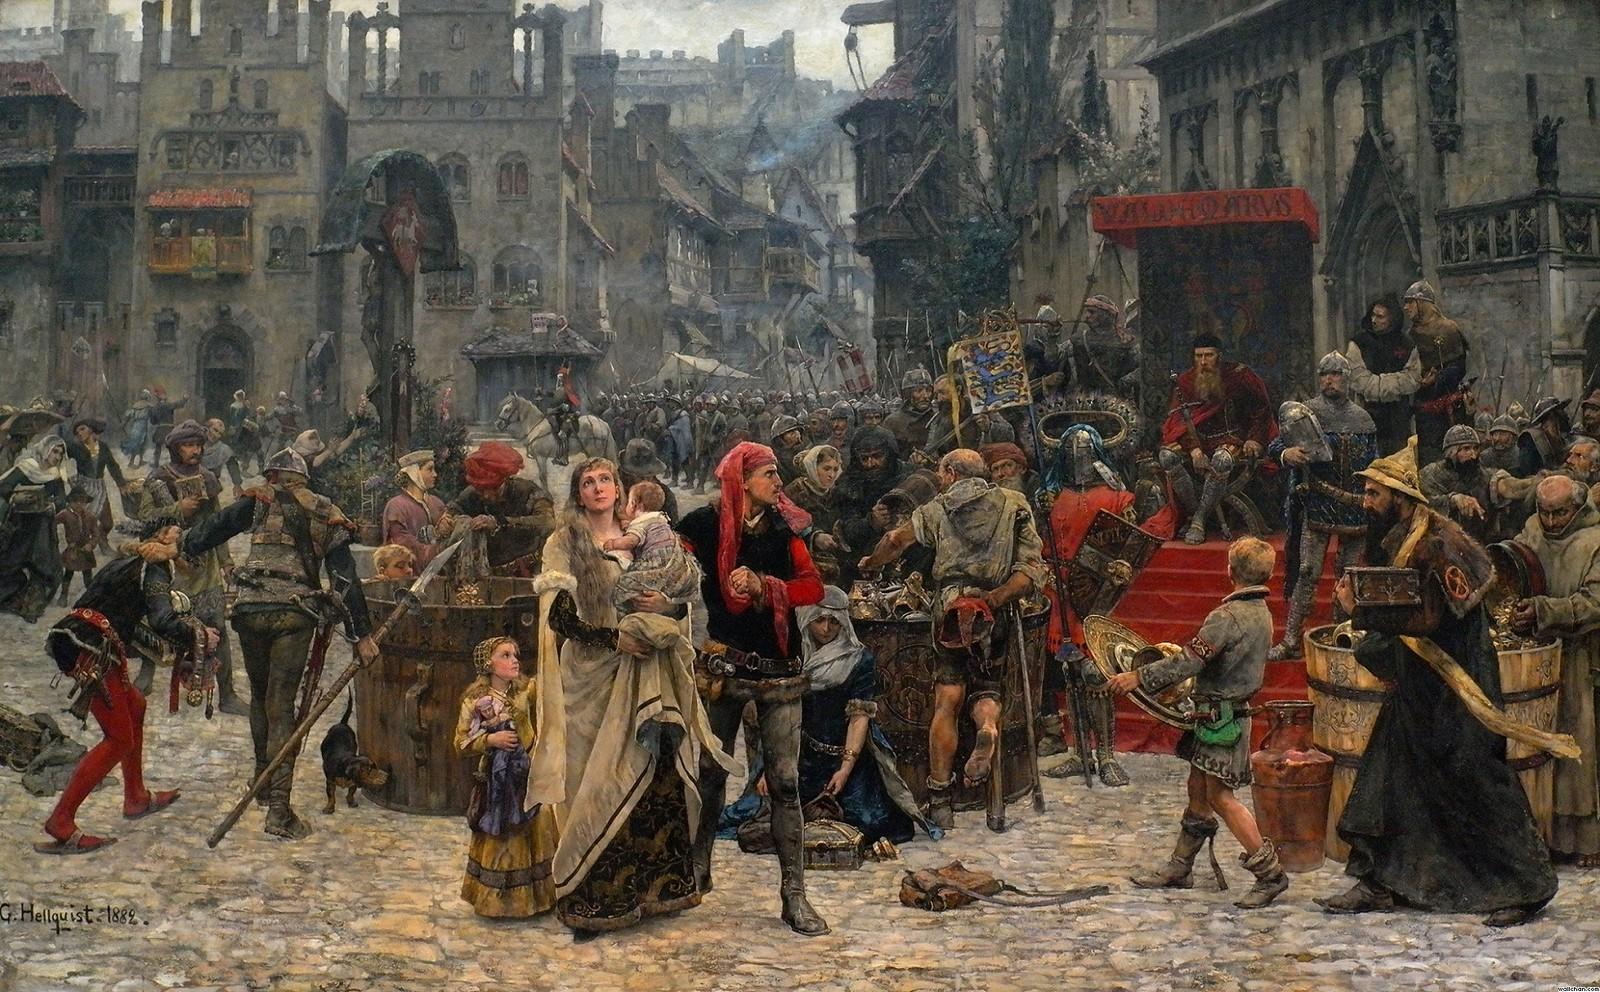 La Edad Media NO FUE una Época OSCURANTISTA